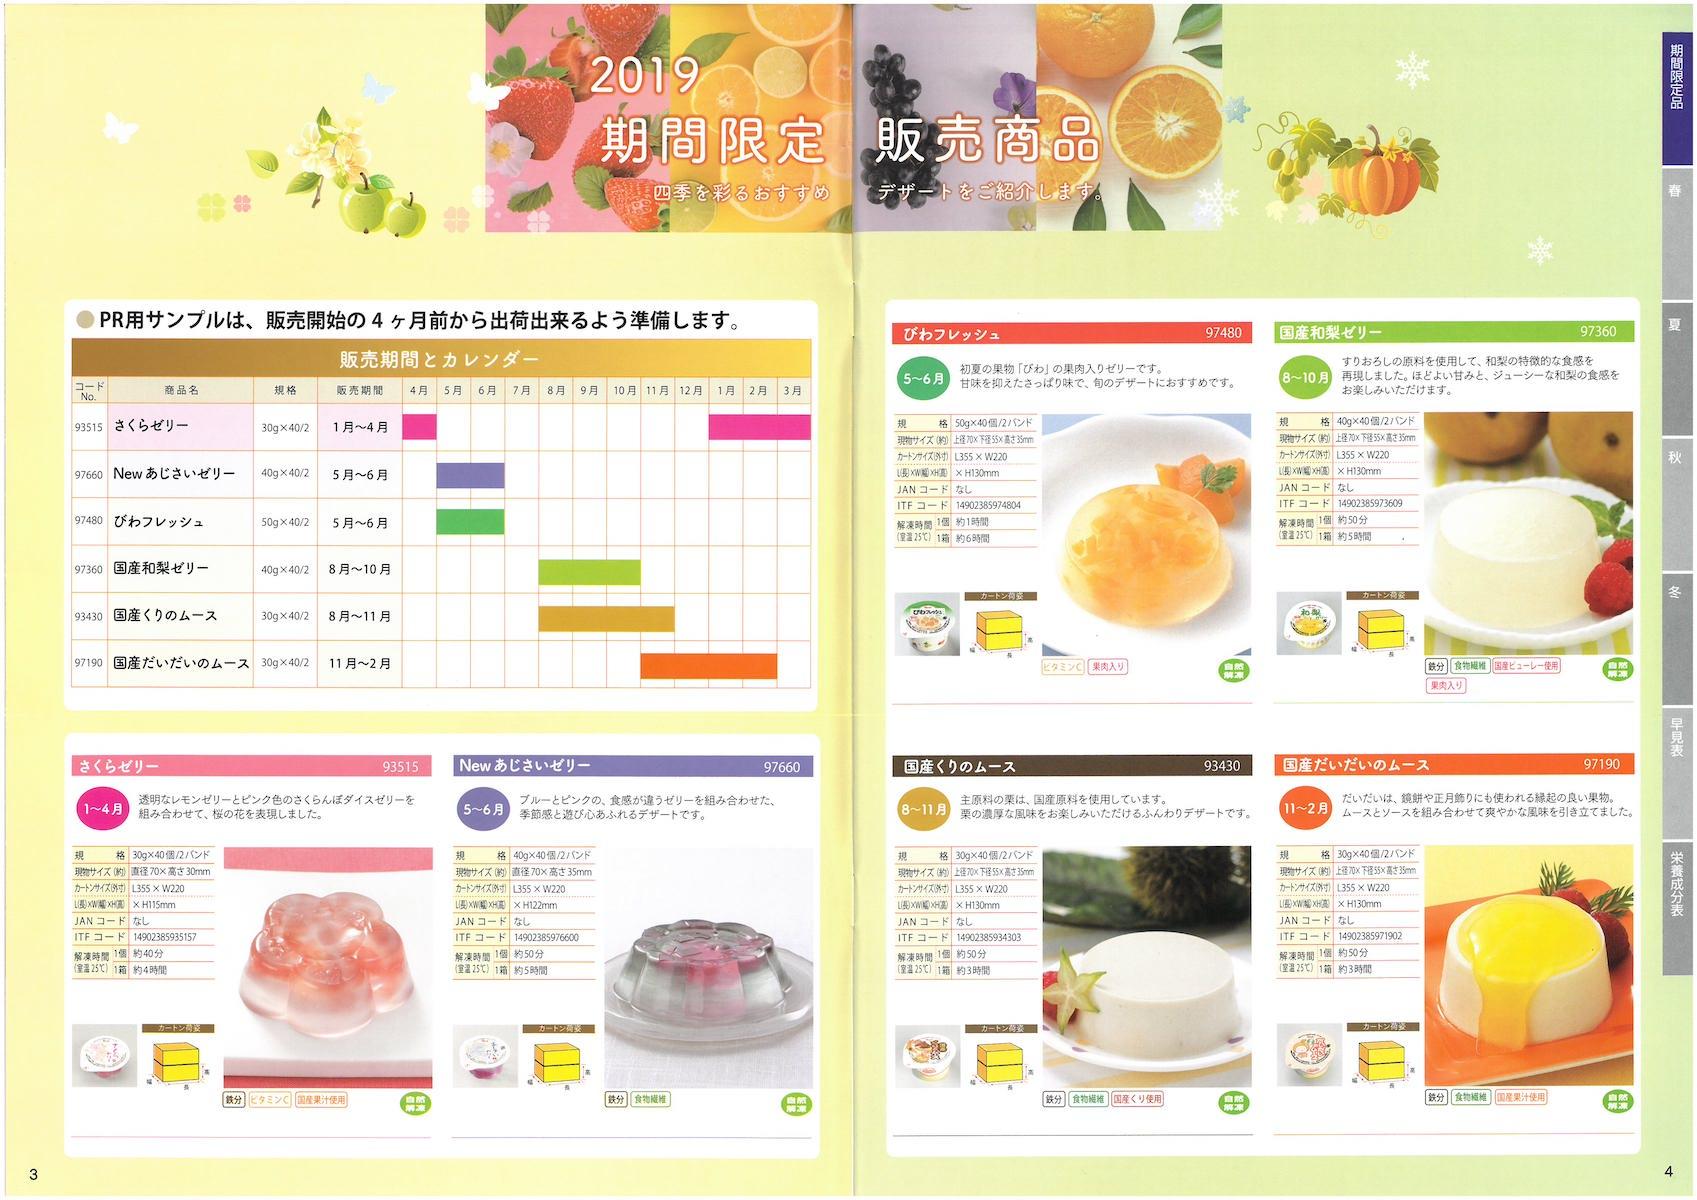 日東ベスト2019業務用デザート総合カタログ DESSERT Grand Catalog